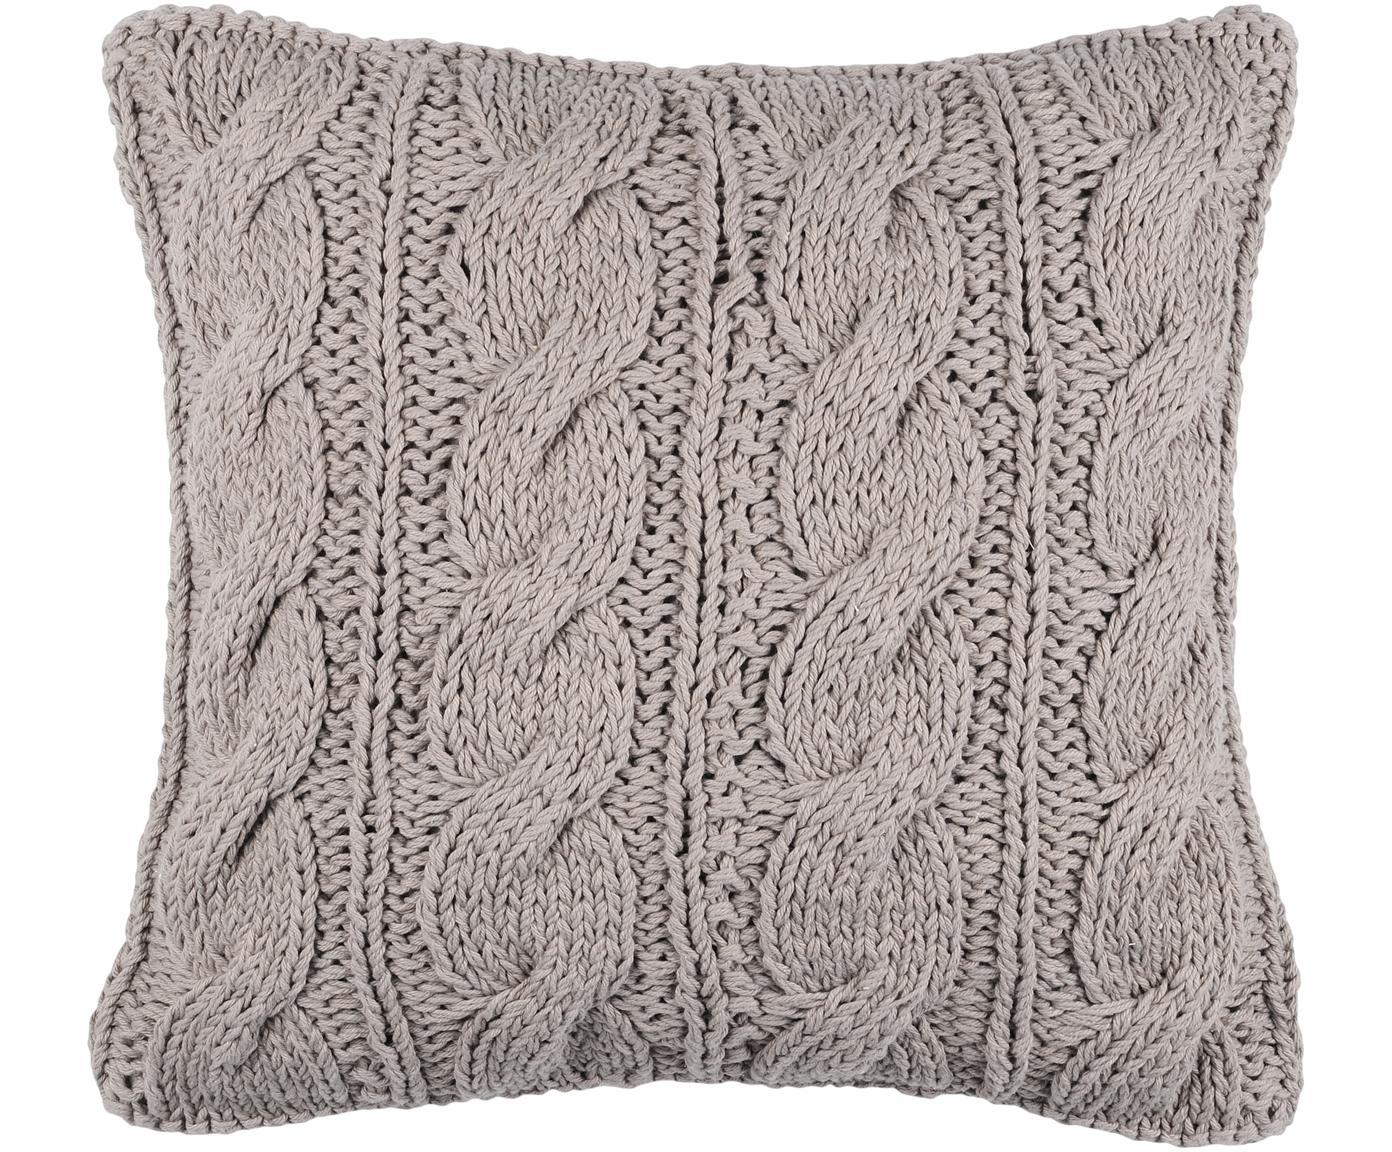 Strickkissen Stitch mit Zopfmuster, mit Inlett, Bezug: Baumwolle, Grau, 40 x 40 cm